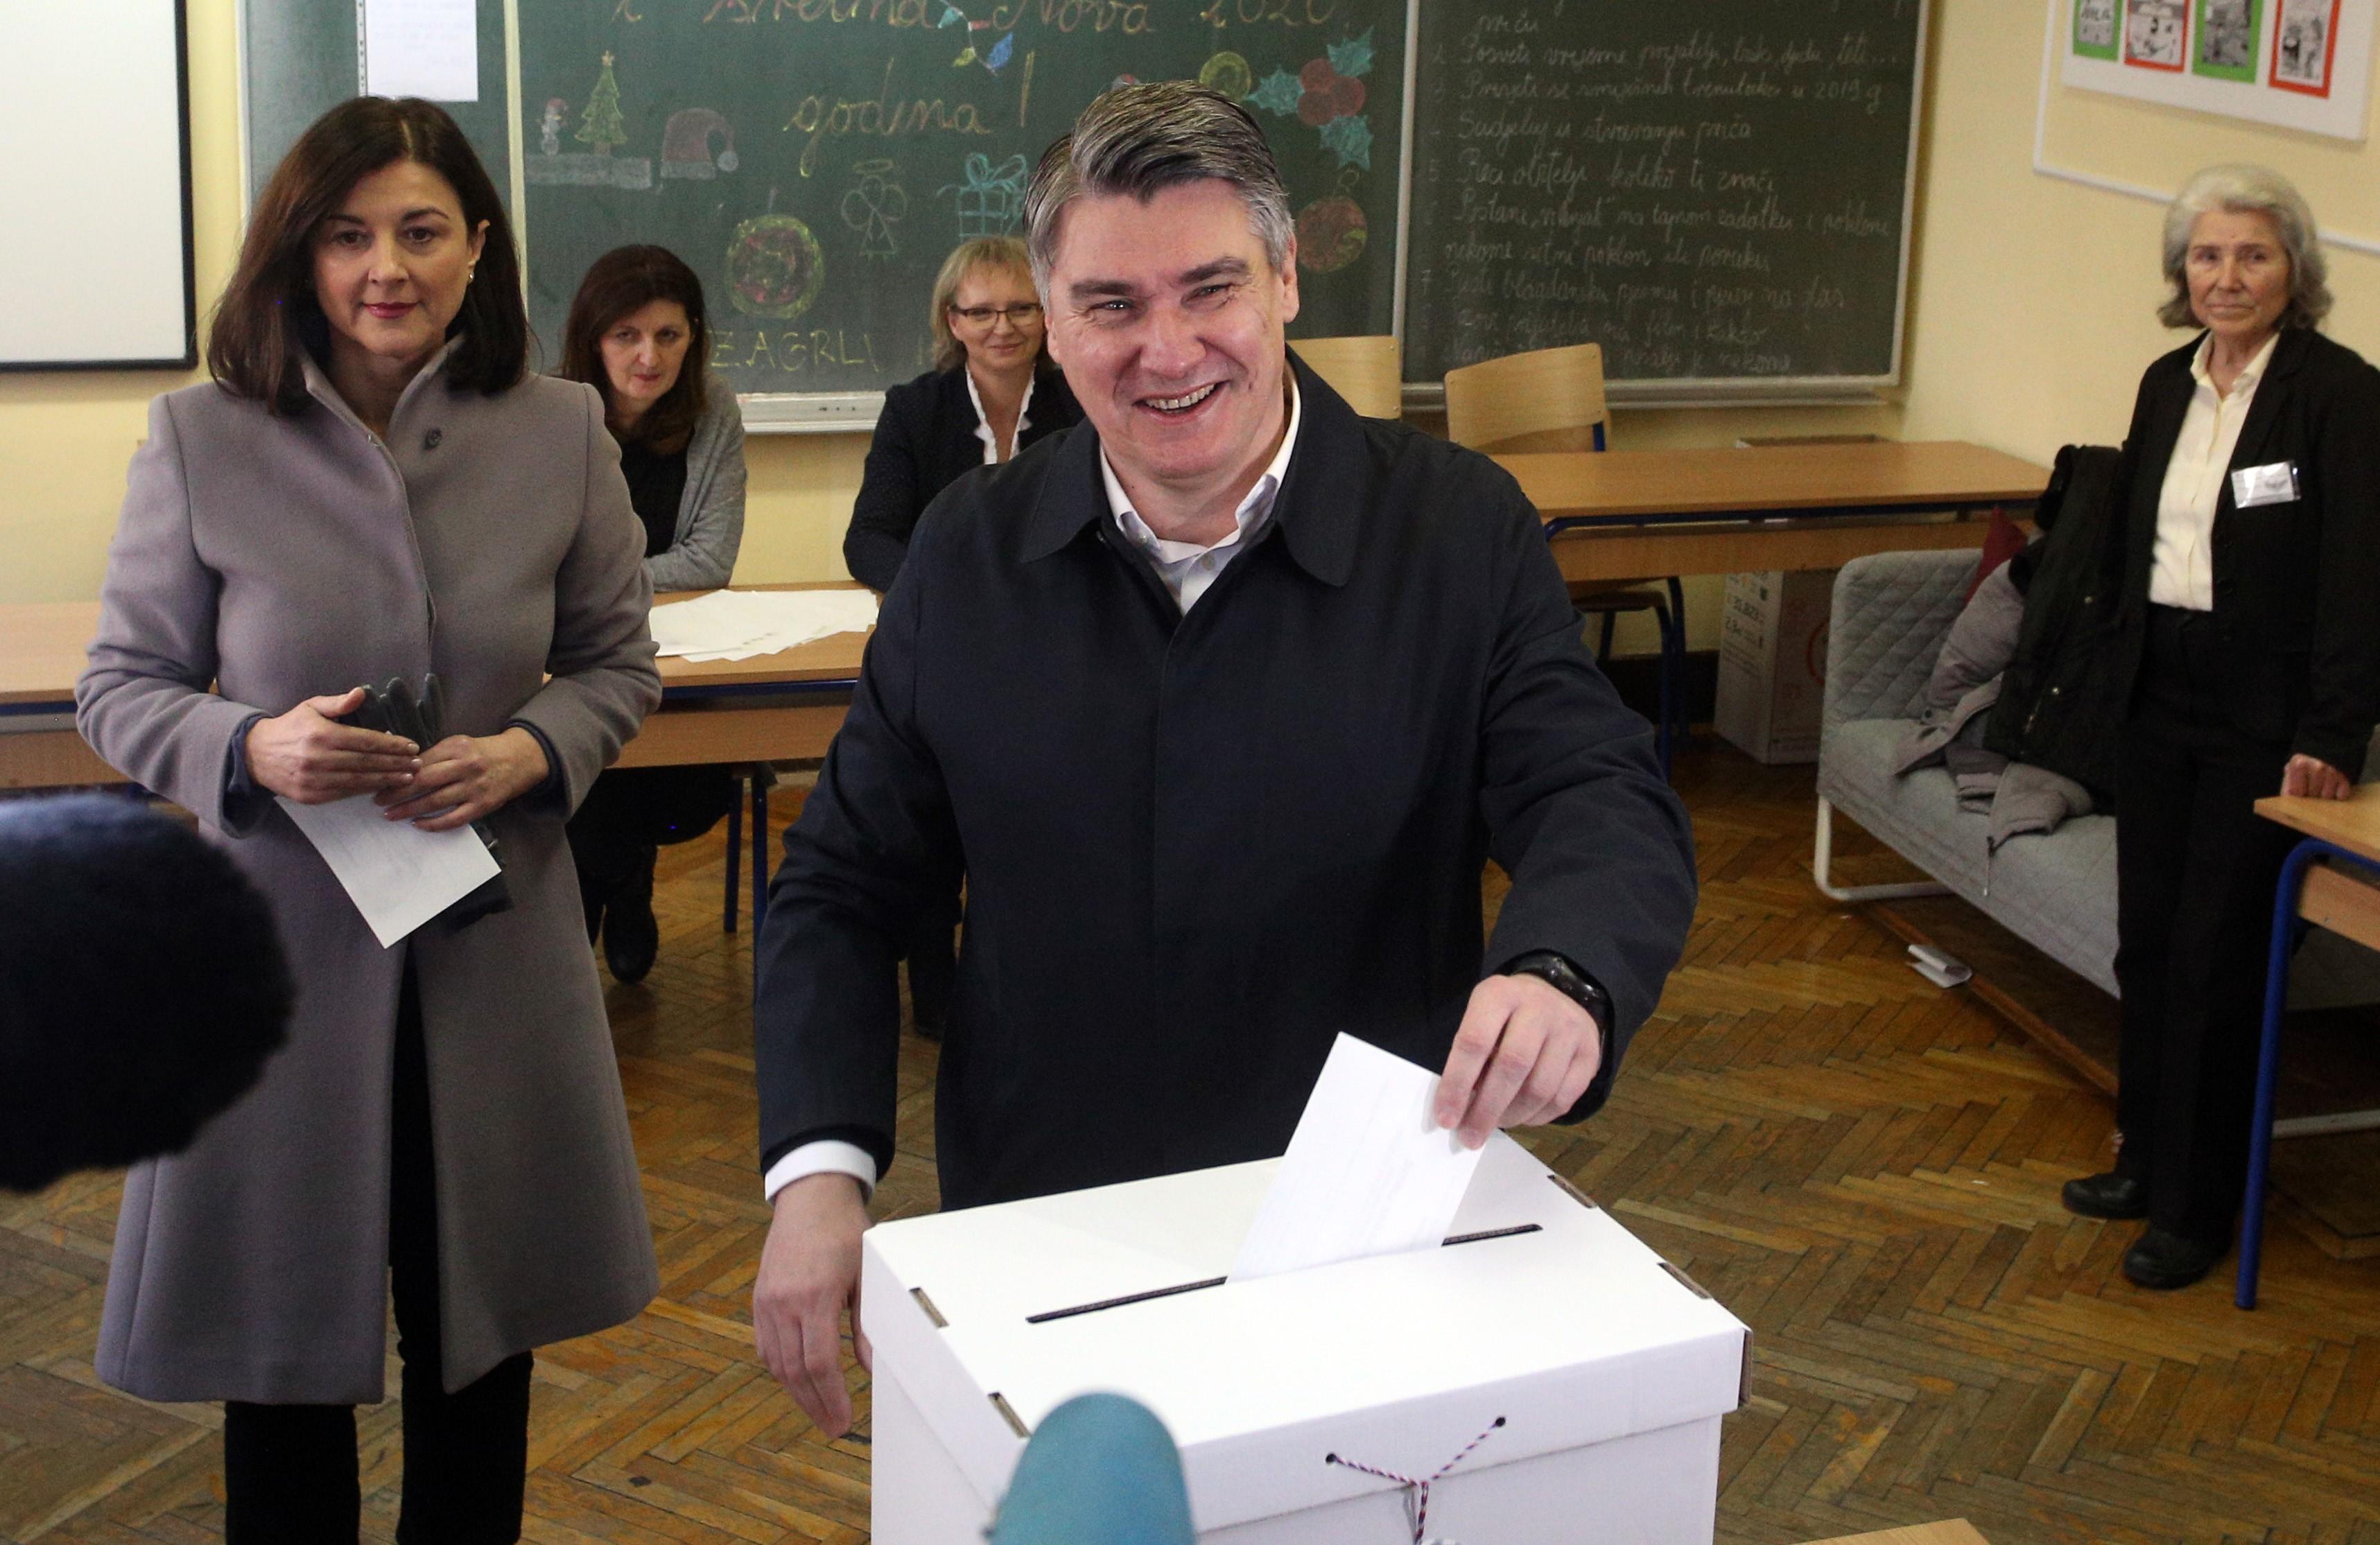 Az exitpoll szerint a szociáldemokrata Milanovic nyerte a horvát elnökválasztást